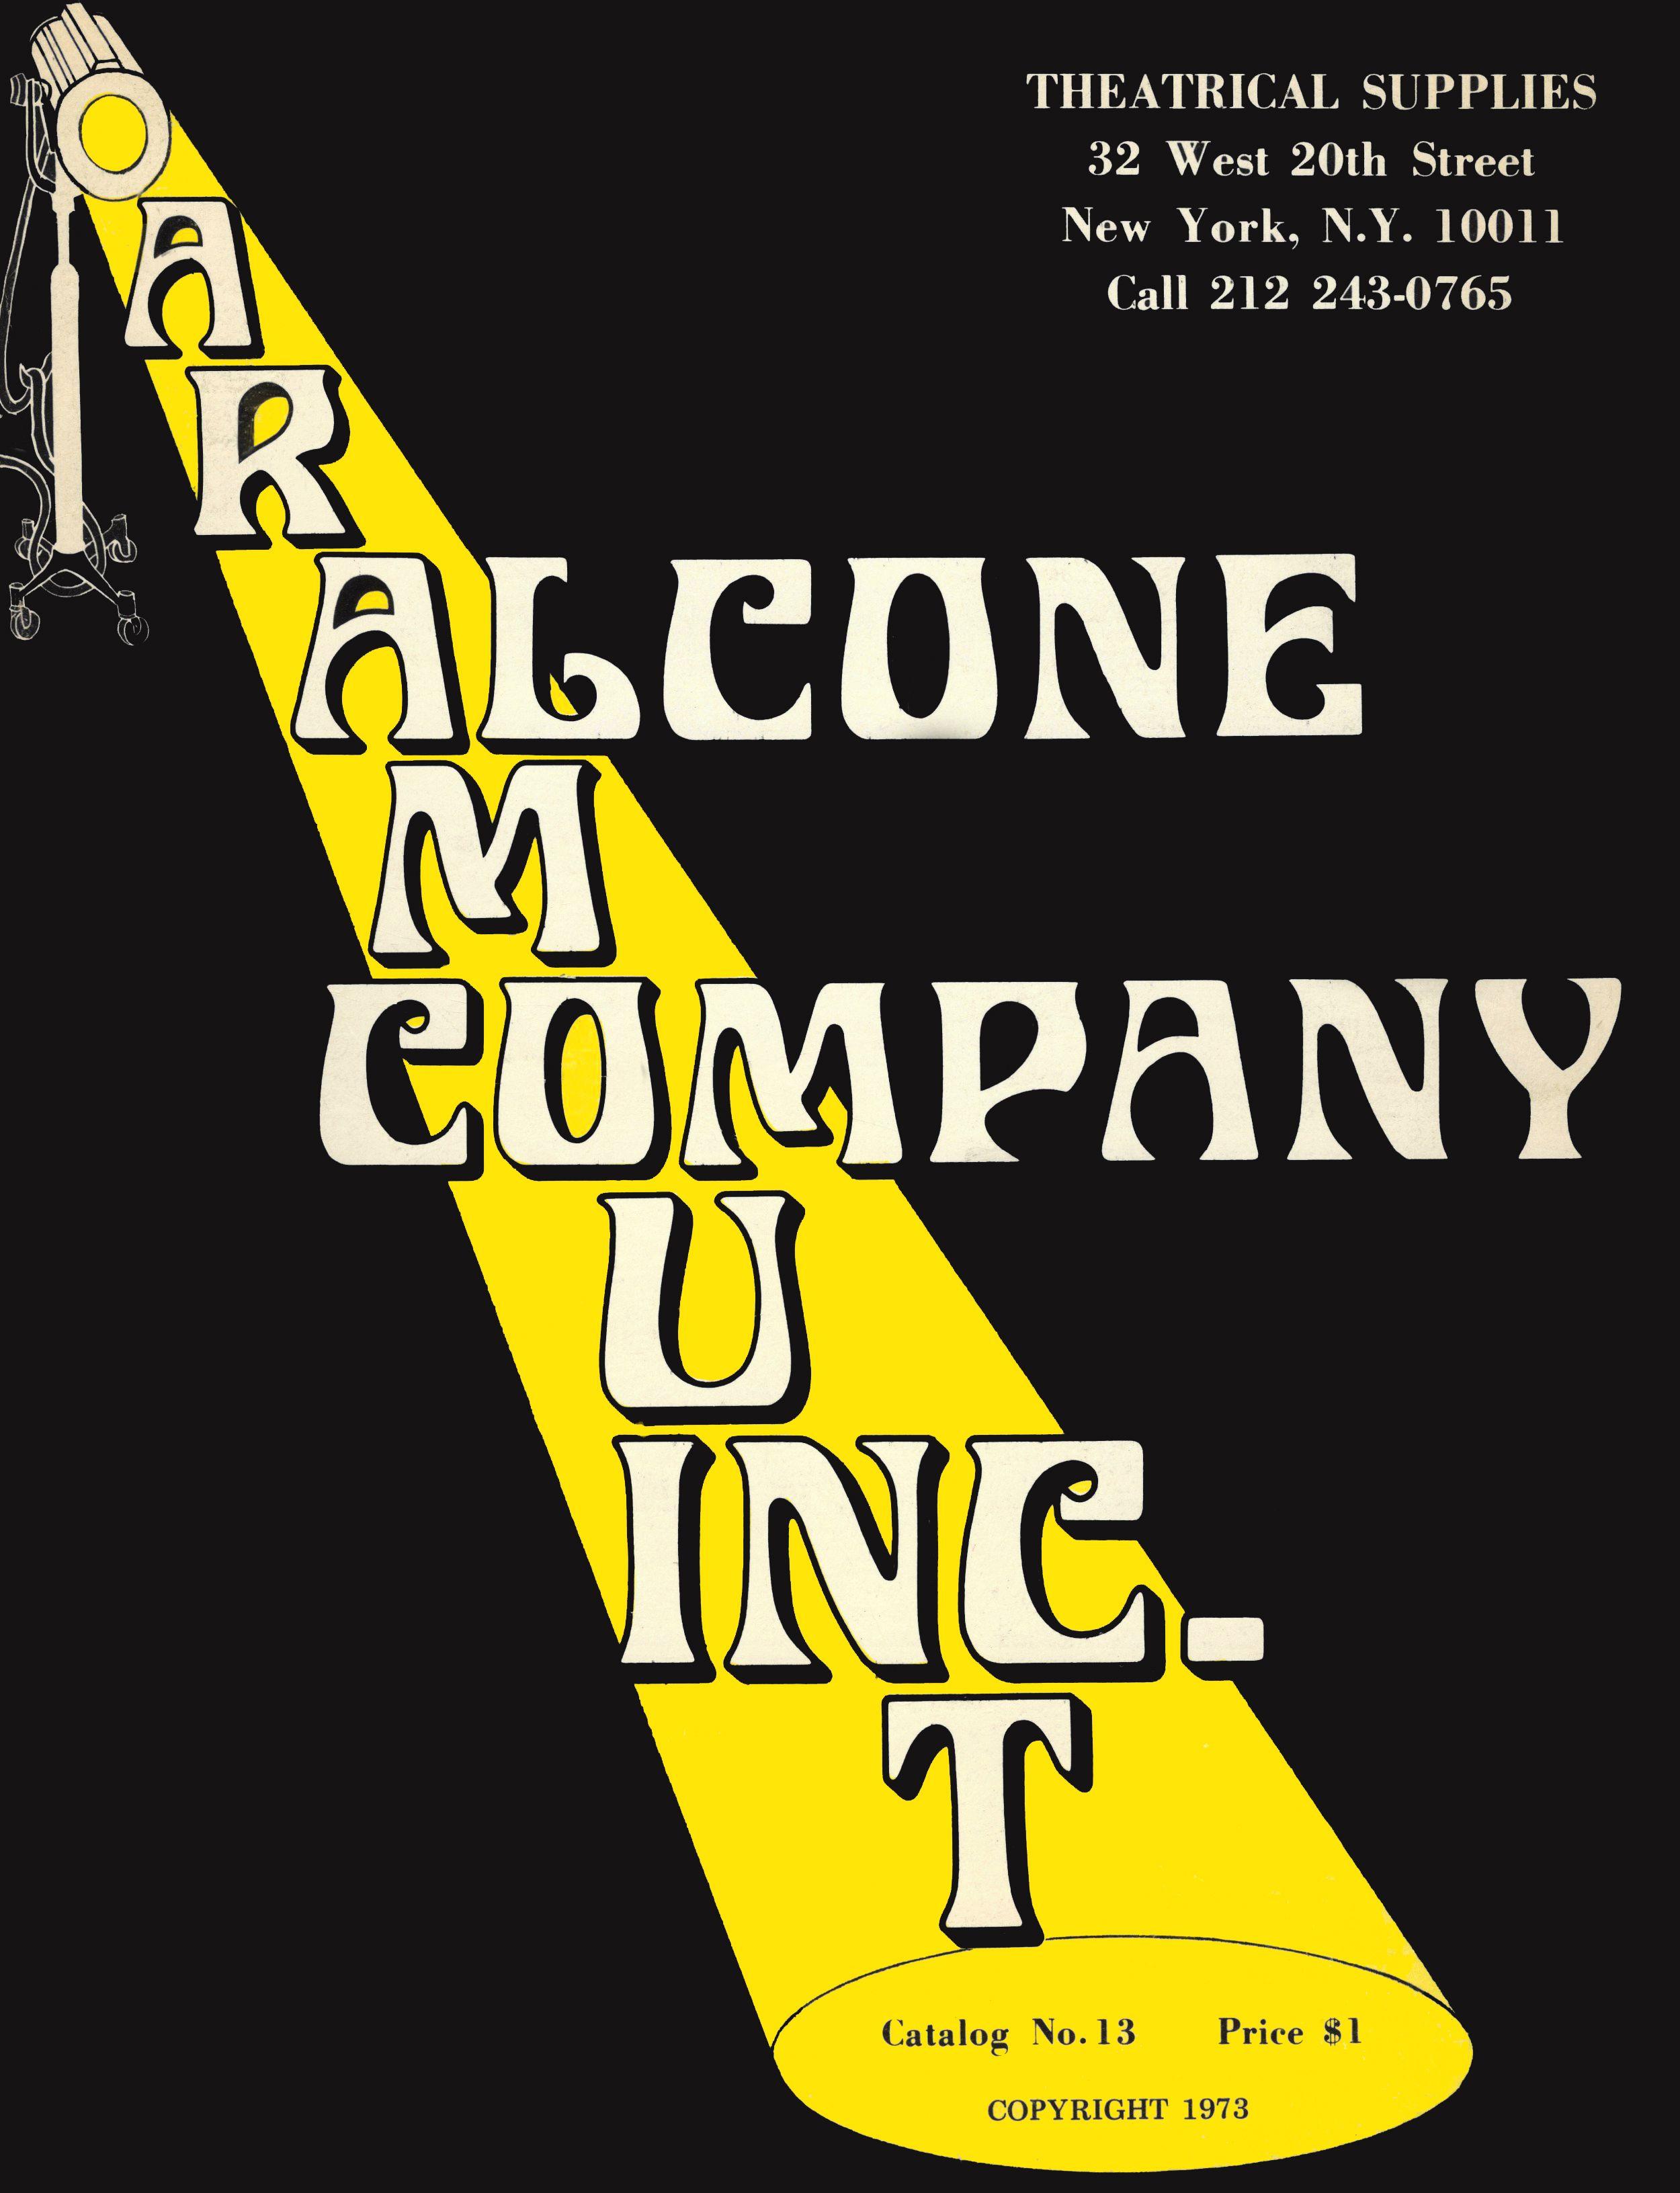 Alcone Company 1973 Vintage Catalog Online cosmetics